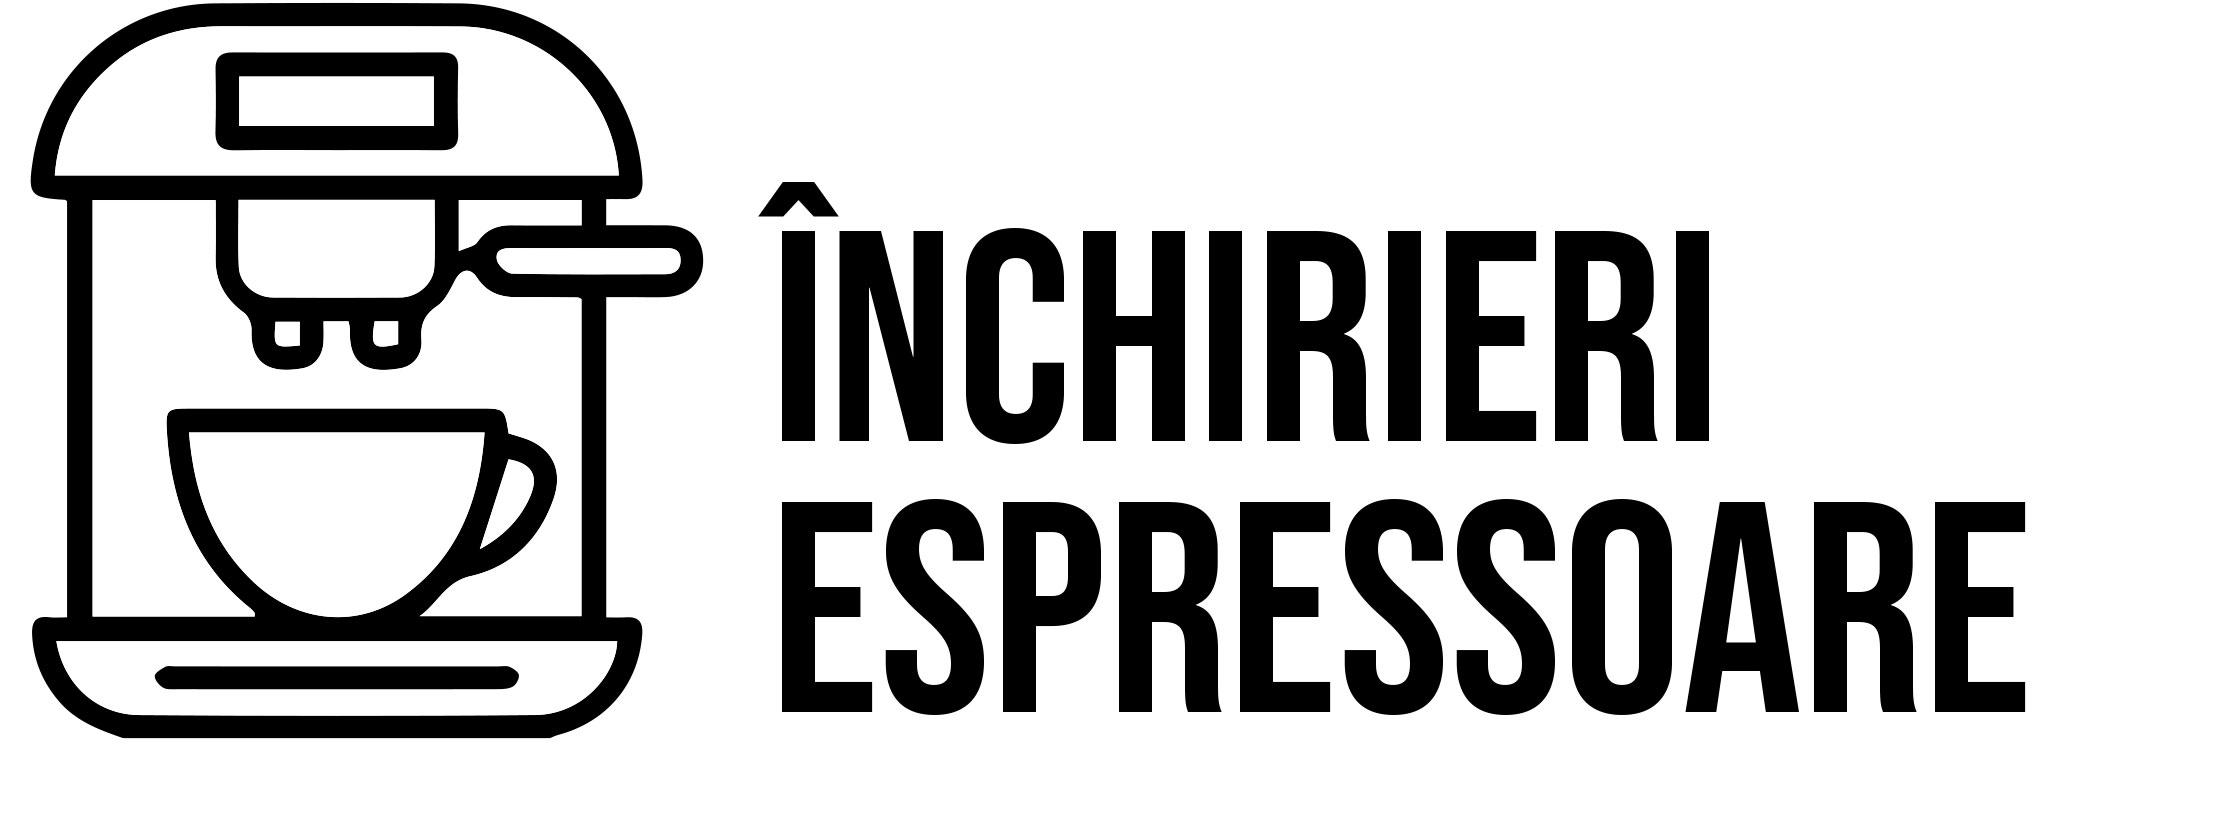 Închirieri Espressoare